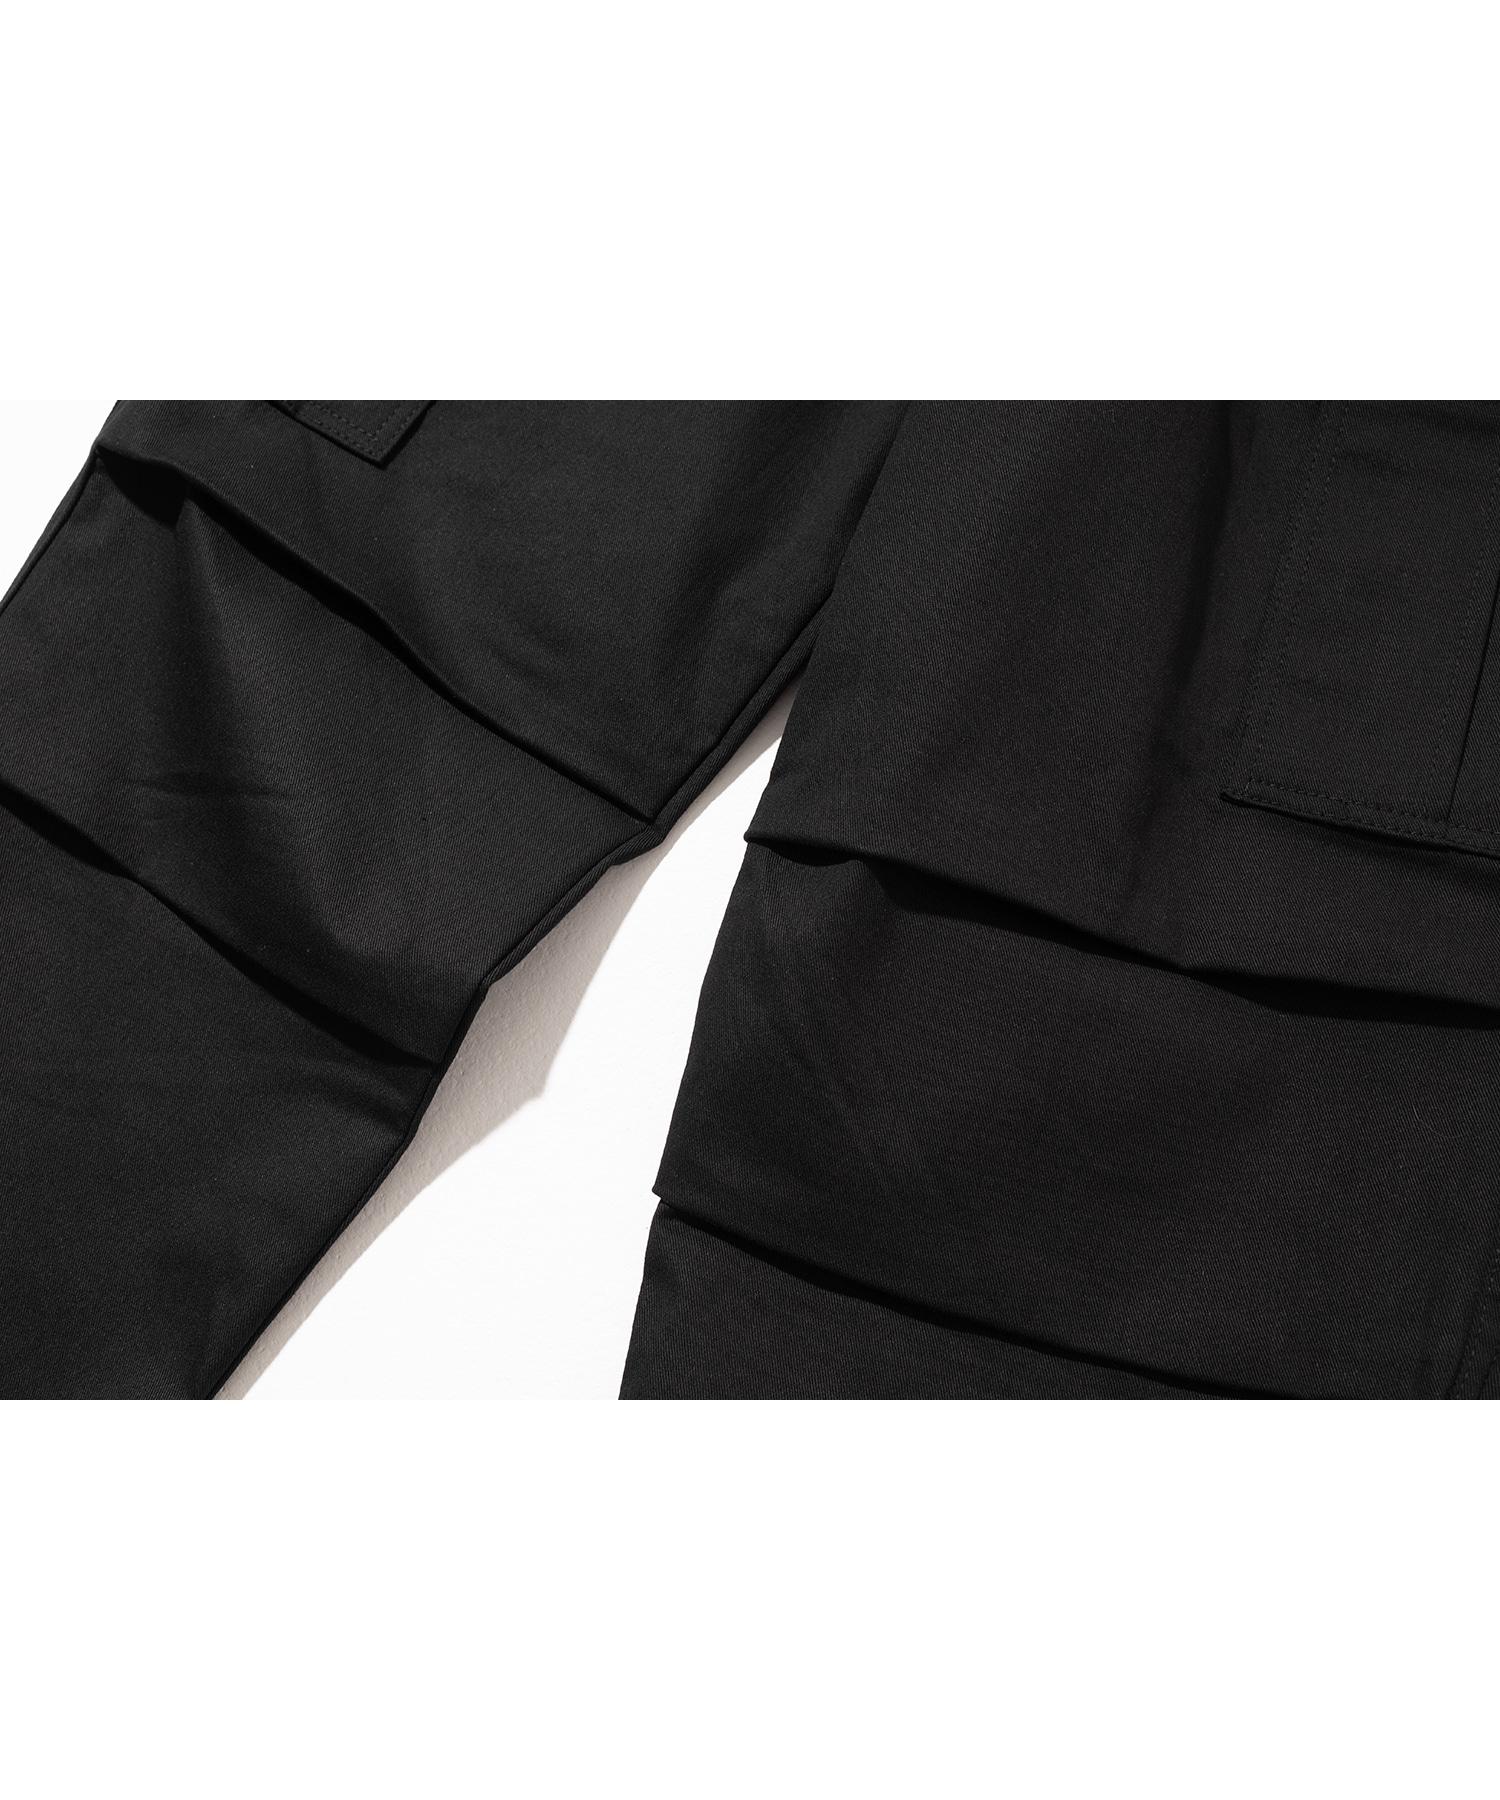 매스노운(MASSNOUN) D-RING EASY CARGO STRING PANTS MSNCP001-BK